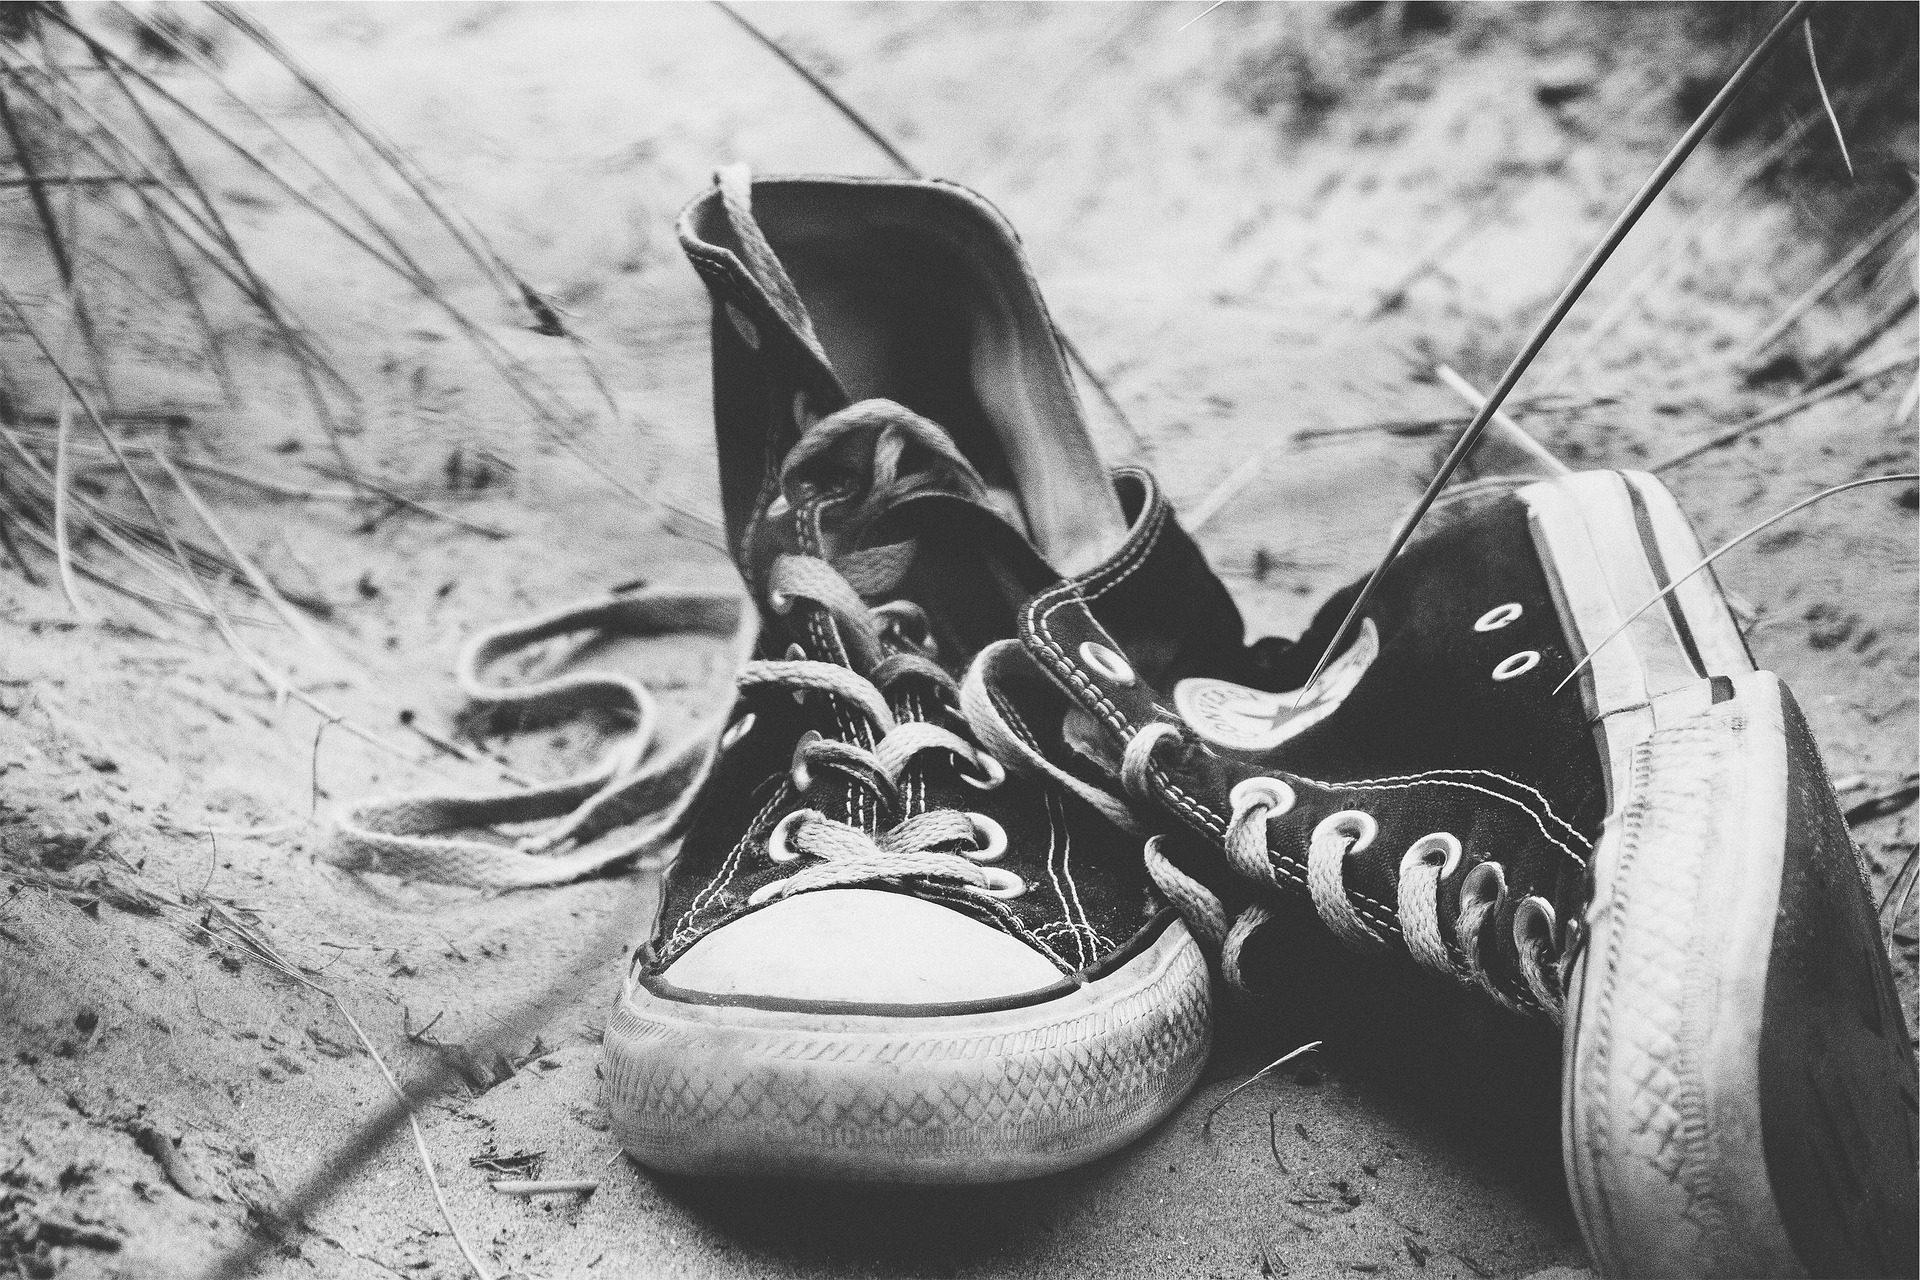 παντόφλες, Converse, Άμμος, Παραλία, σε μαύρο και άσπρο - Wallpapers HD - Professor-falken.com